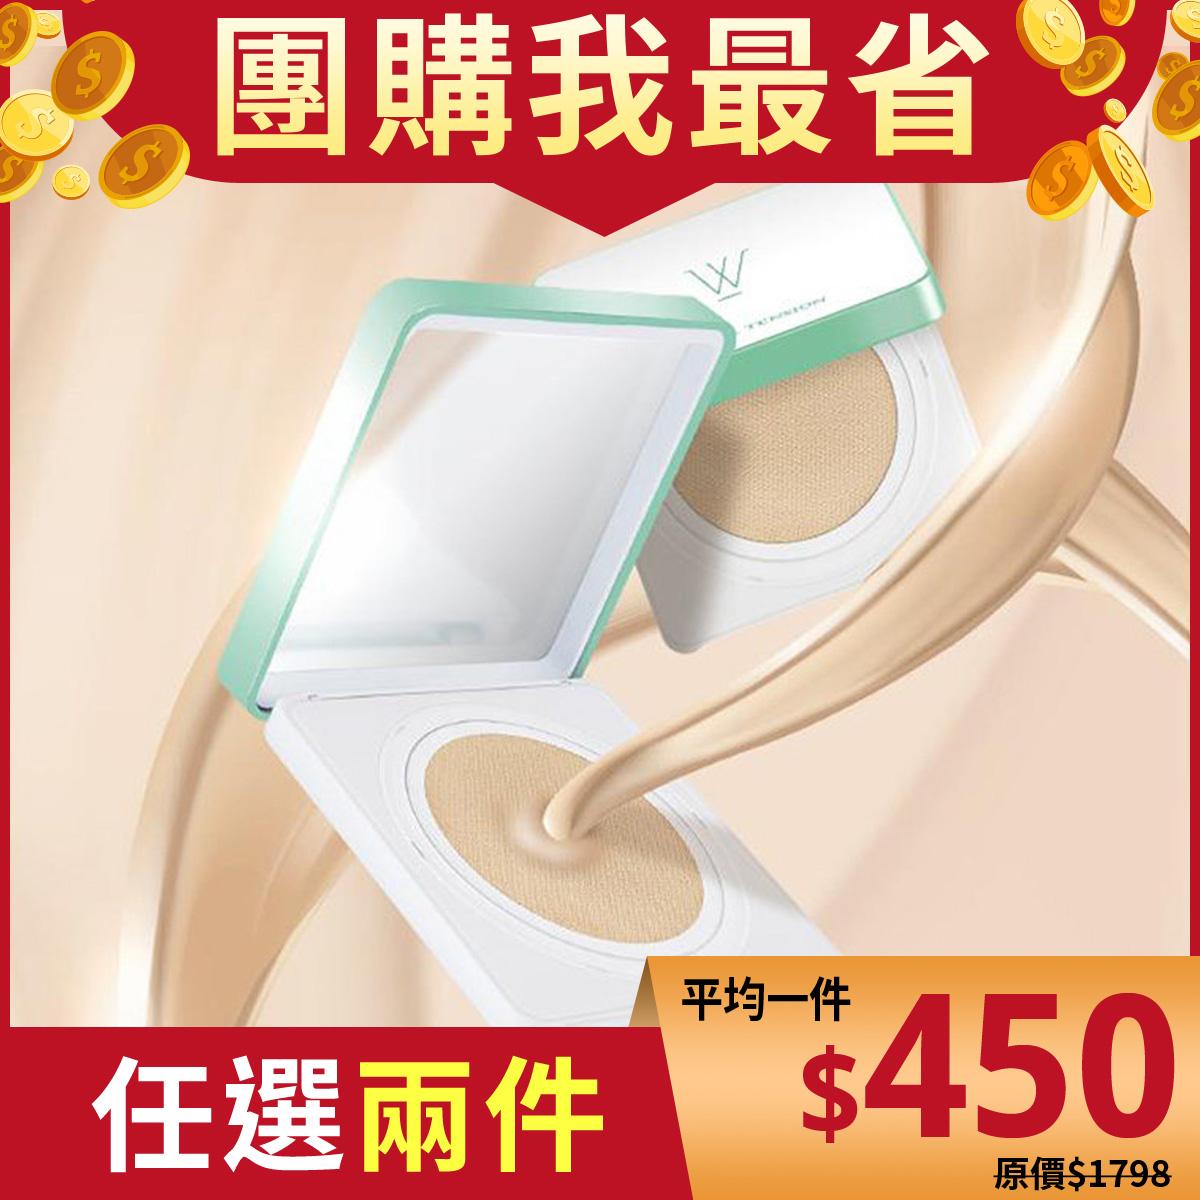 【2入優惠組】韓國 APIEU 溫和敏感肌氣墊粉餅 WONDER TENSION 人氣熱賣 敏感肌保養 妝感清透